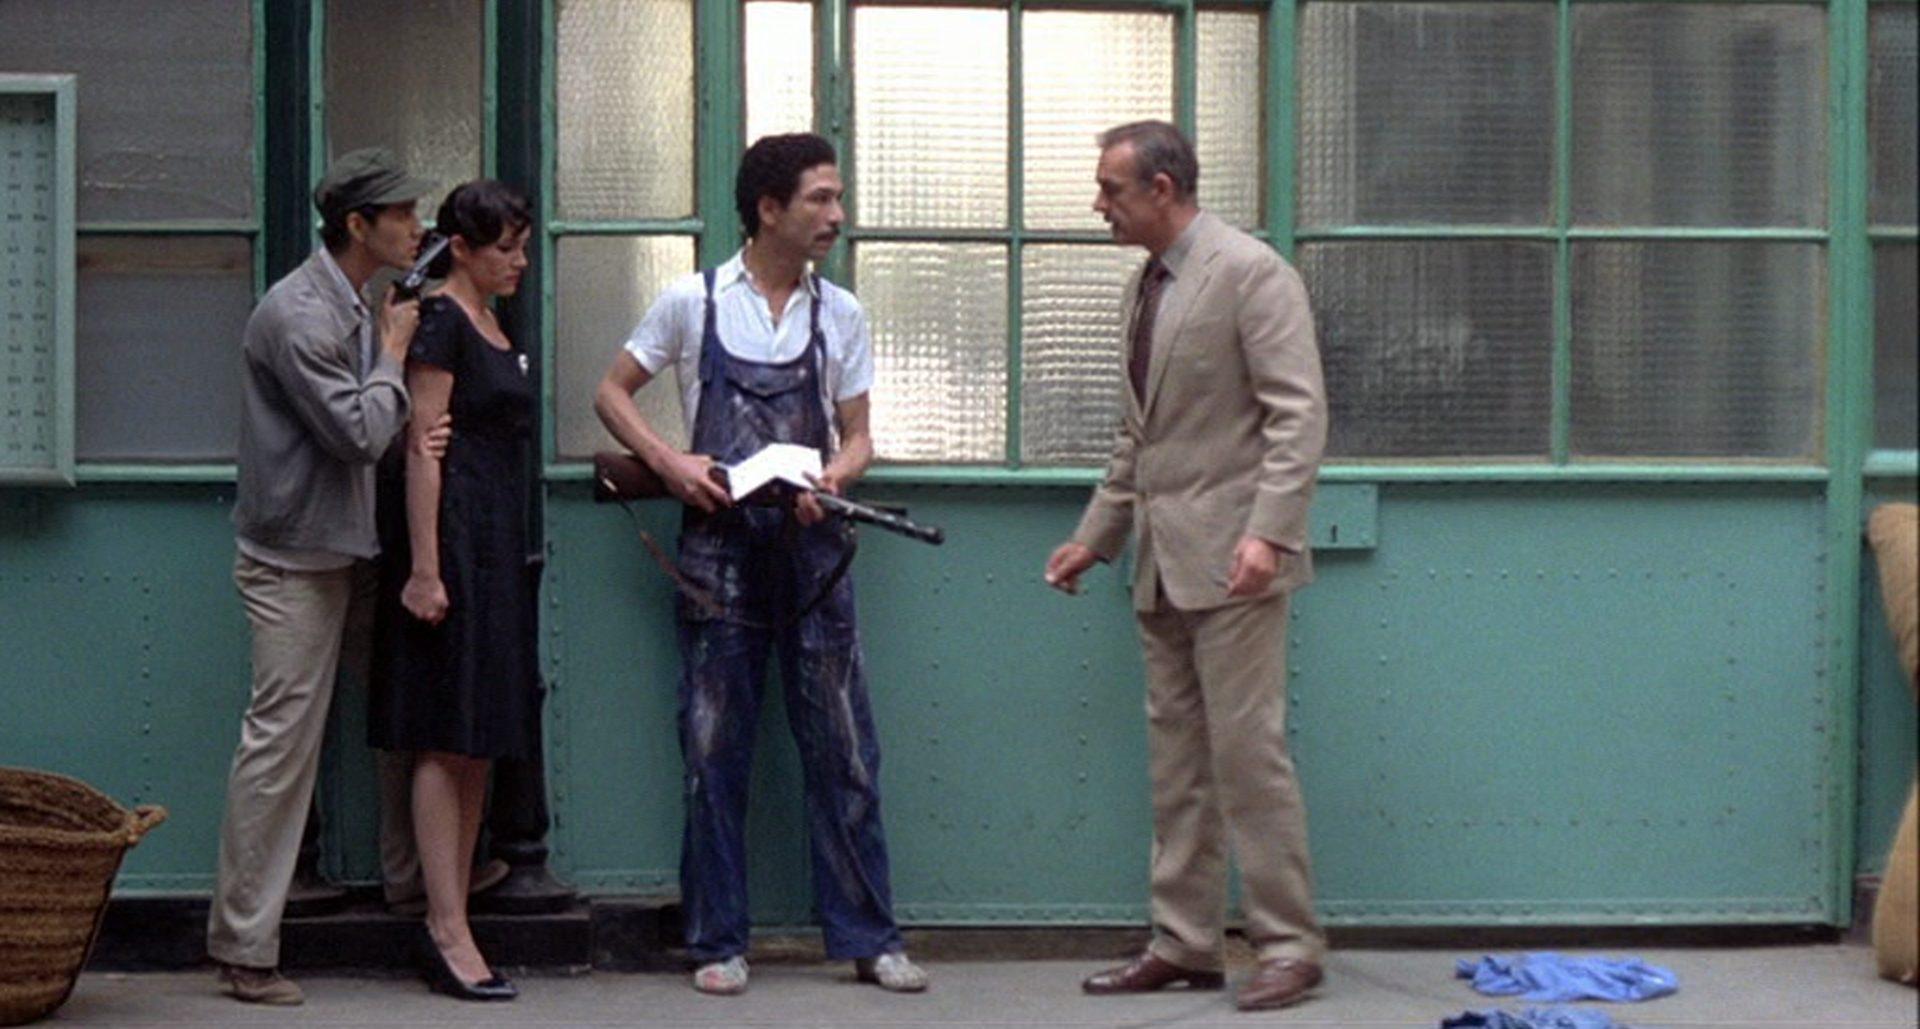 Dapes im Gespräch mit zwei Revolutionären, die eine Frau bedrohen.